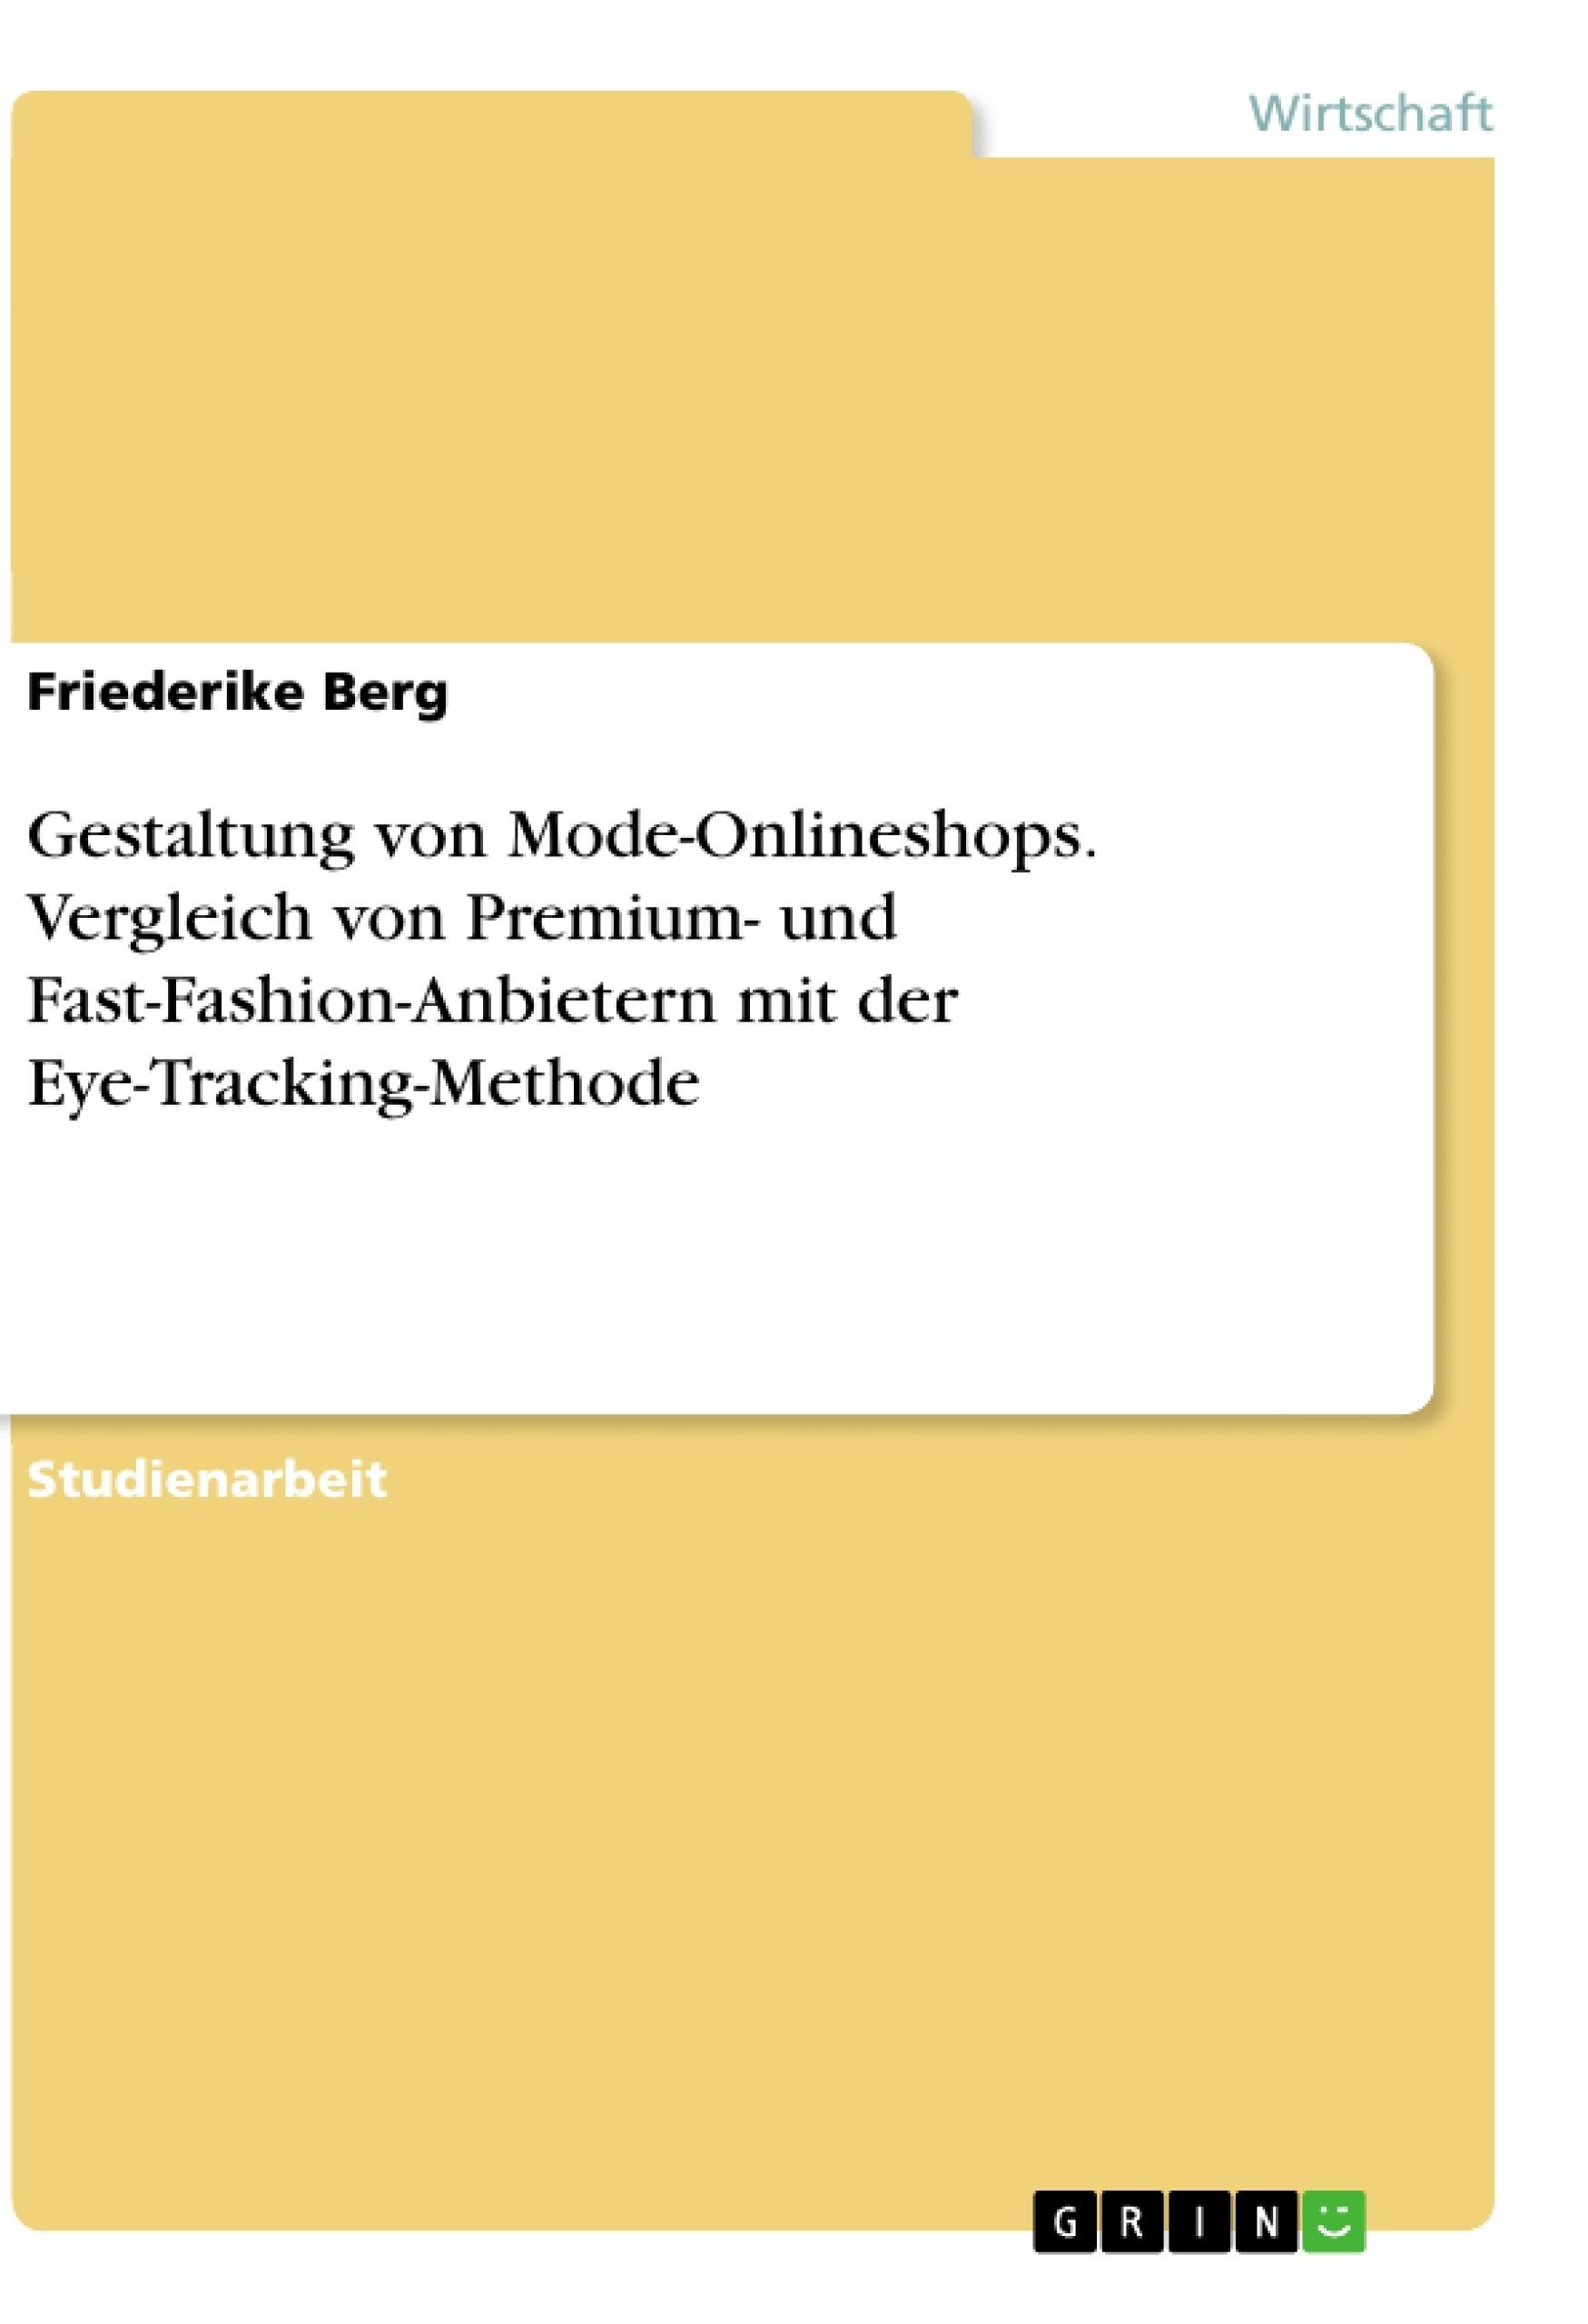 Titel: Gestaltung von Mode-Onlineshops. Vergleich von Premium- und Fast-Fashion-Anbietern mit der Eye-Tracking-Methode